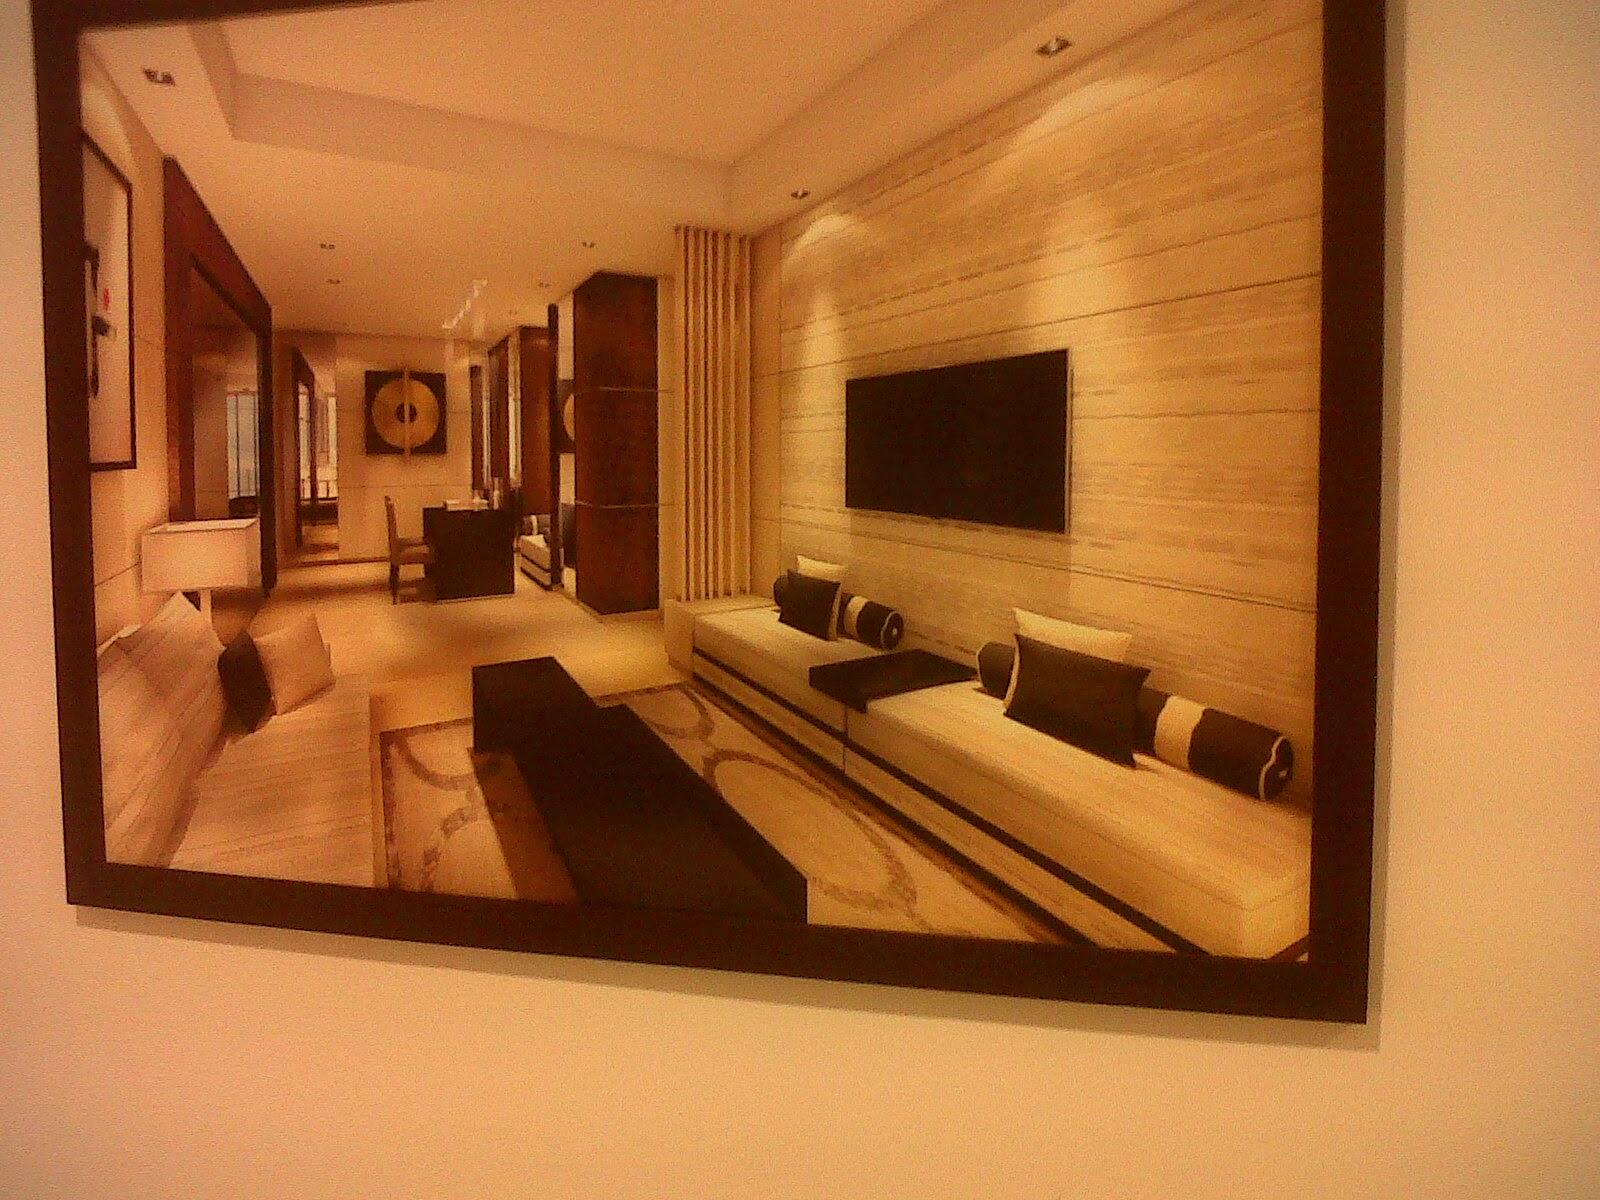 BELLEVUE PLACE MT HARYONO - APARTEMEN BELLEVUE PLACE @MT Haryono Jakarta Show Unit